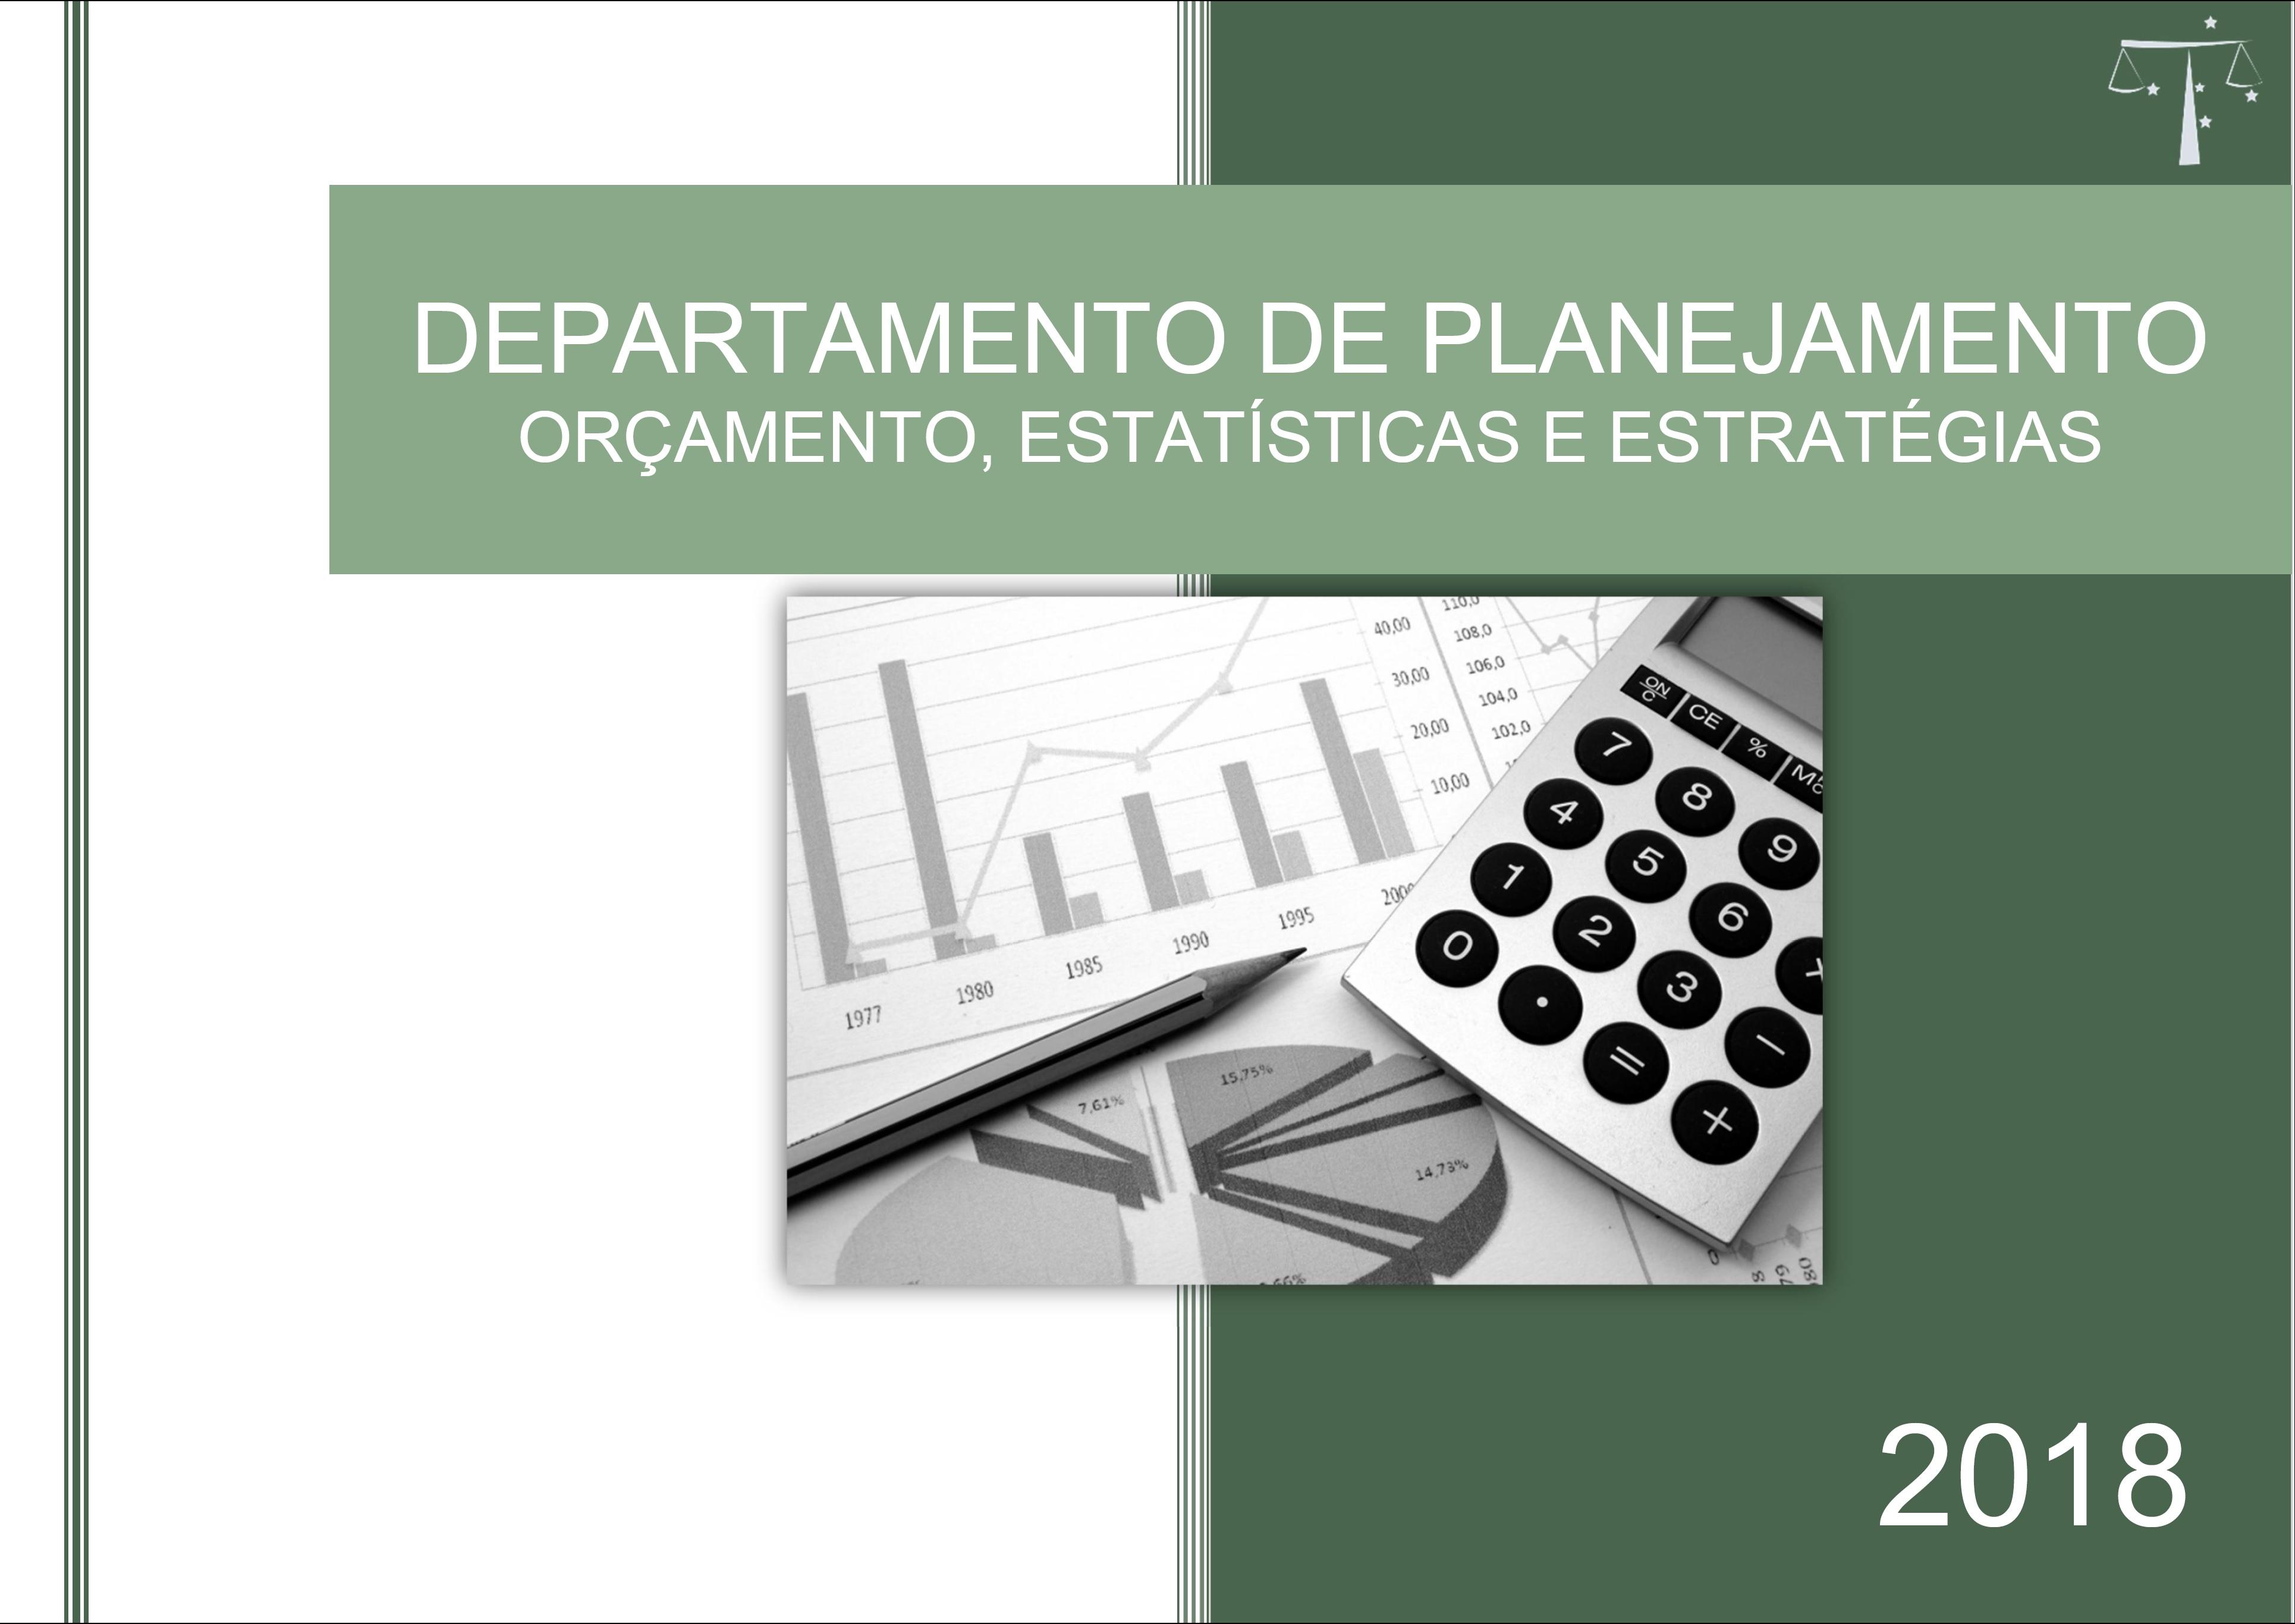 Departamento de Planejamento apresenta relatório das atividades realizadas em 2018